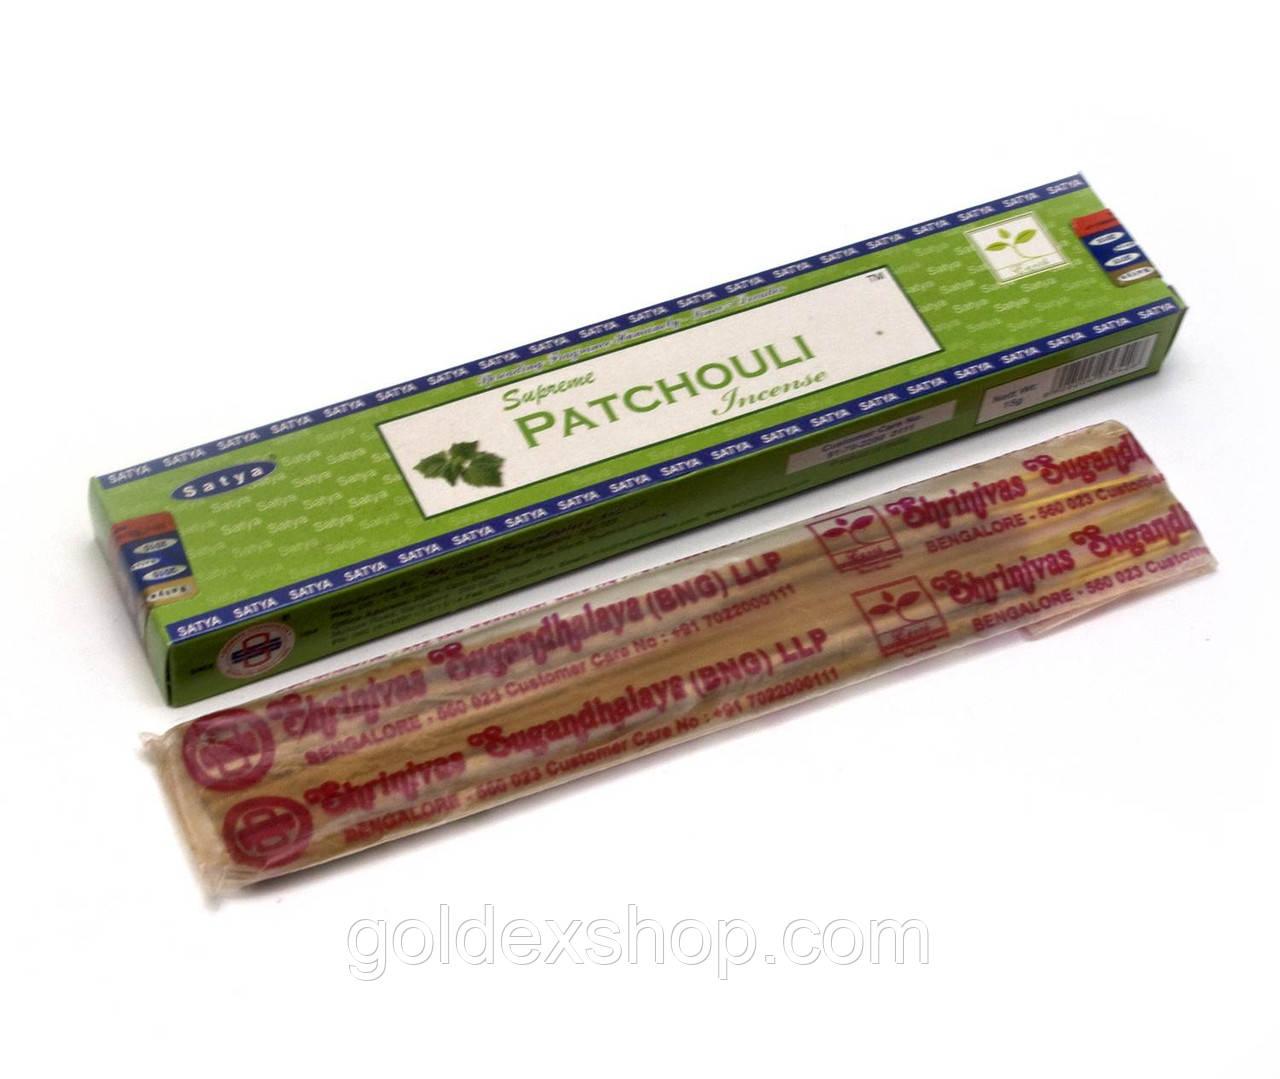 Supreme Patchouli (Пачули) (15 gm) (Satya) пыльцовое благовоние